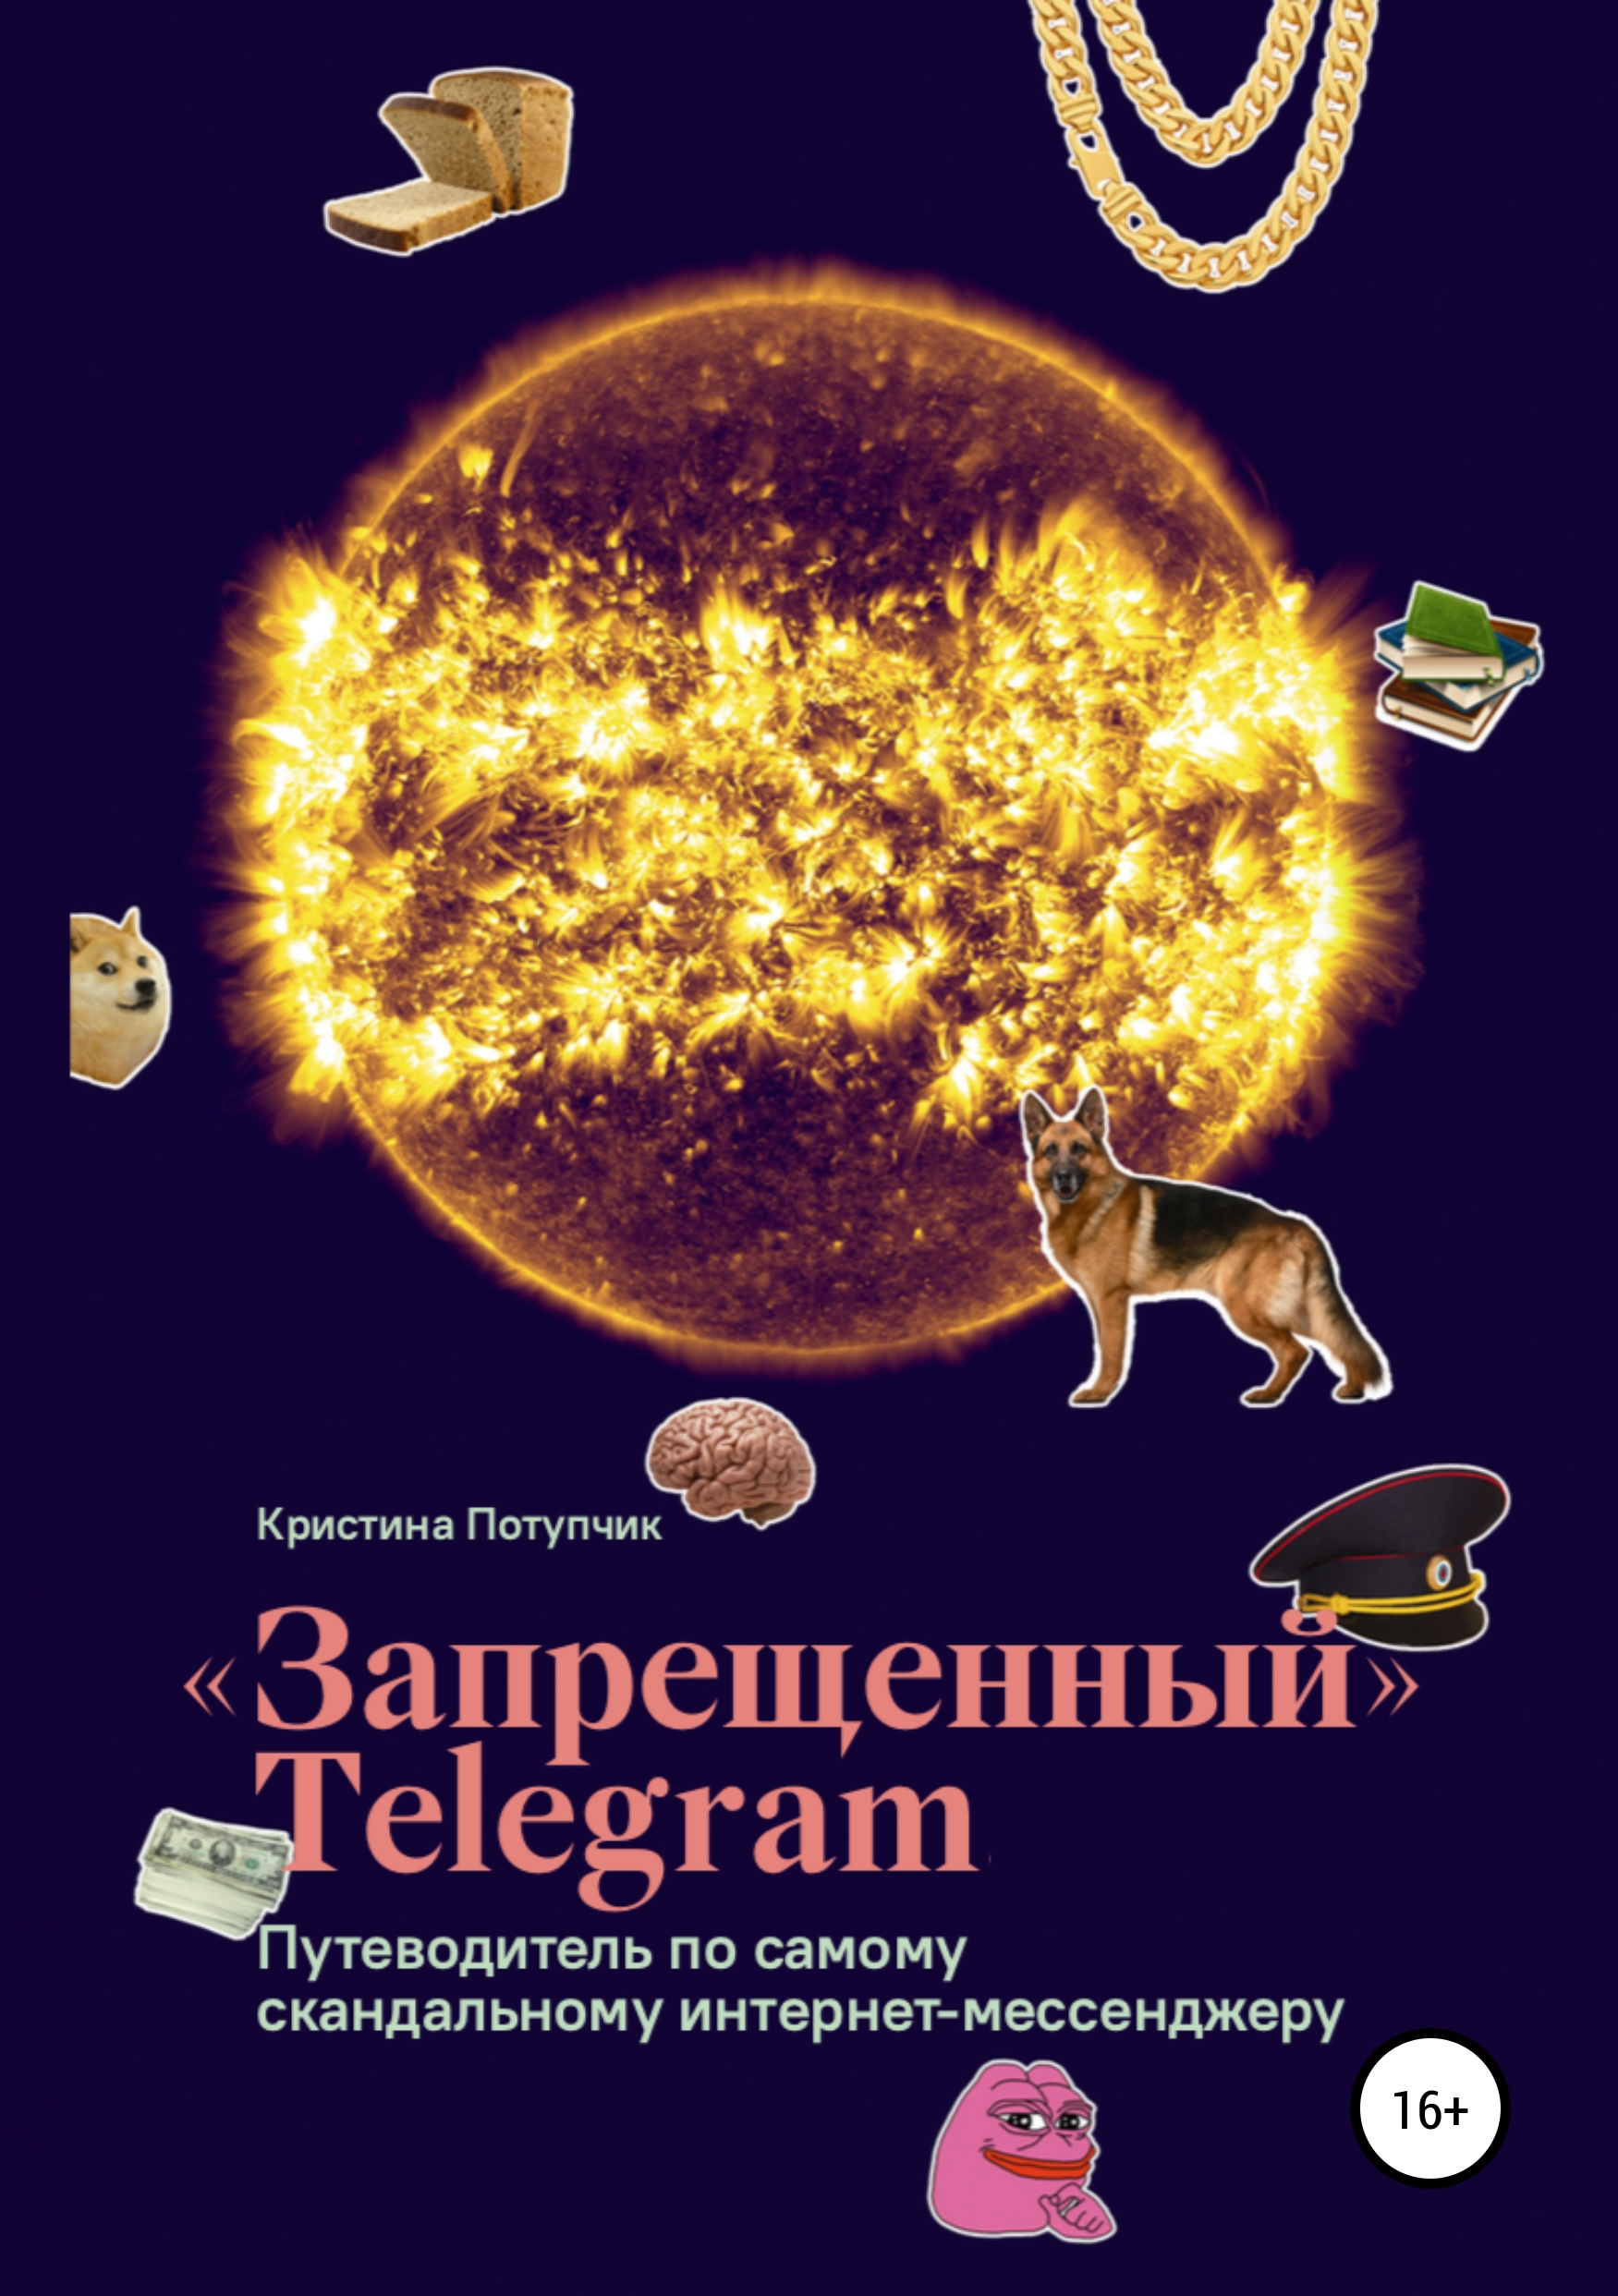 Купить книгу «Запрещённый» Телеграм: путеводитель по самому скандальному интернет-мессенджеру, автора Кристины Потупчик